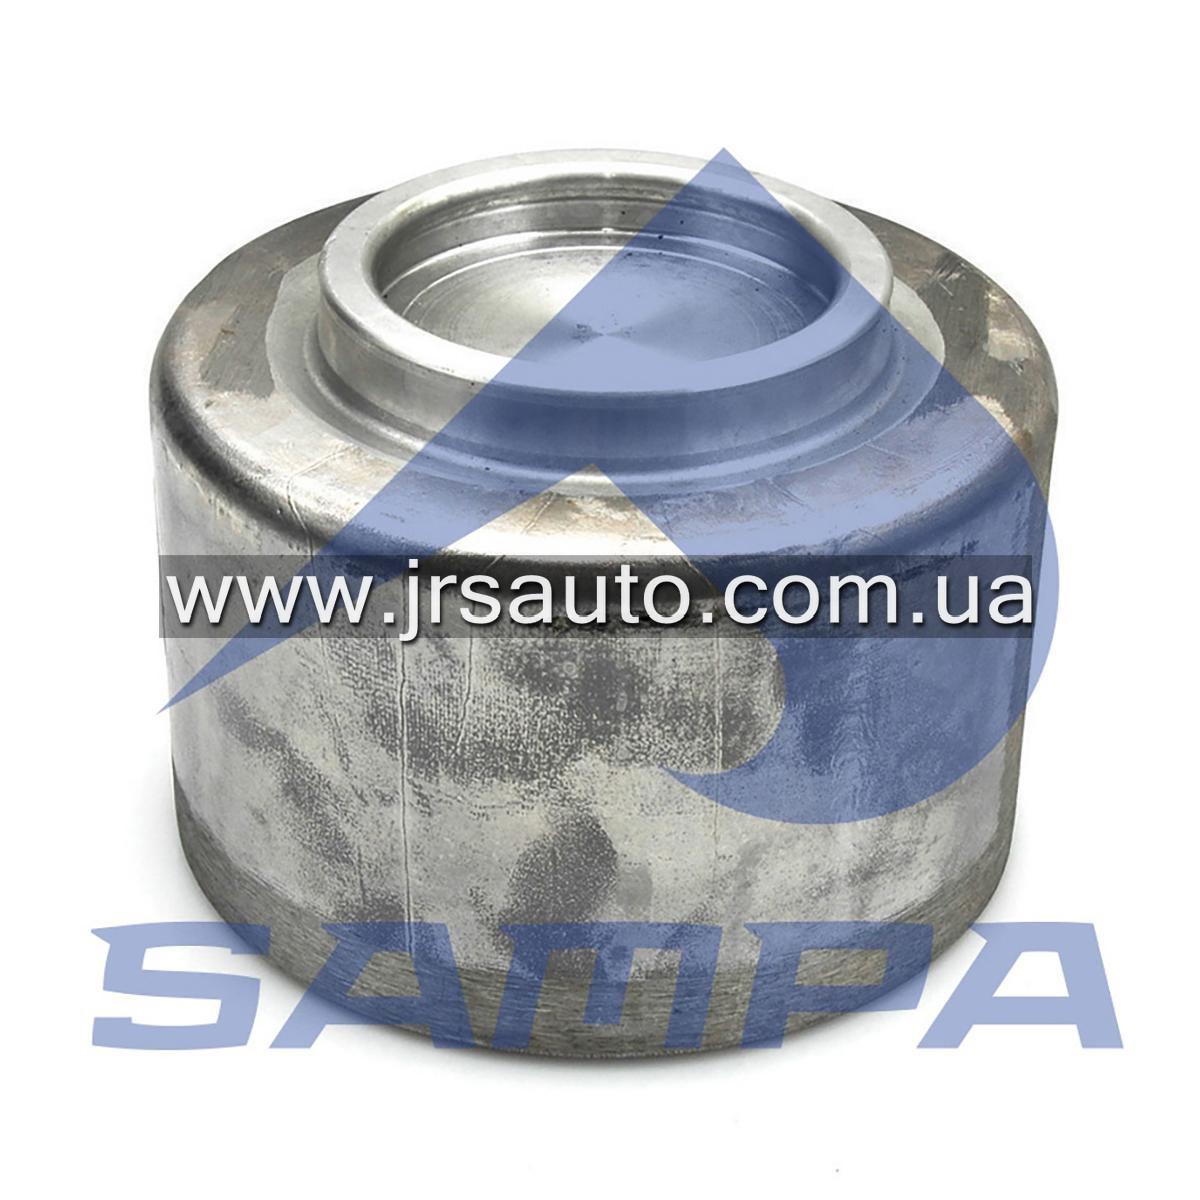 Стакан пневморессоры стальной 720N MAN F90/M2000 d208x149 (d208x149) \81436030055 \ 022.321